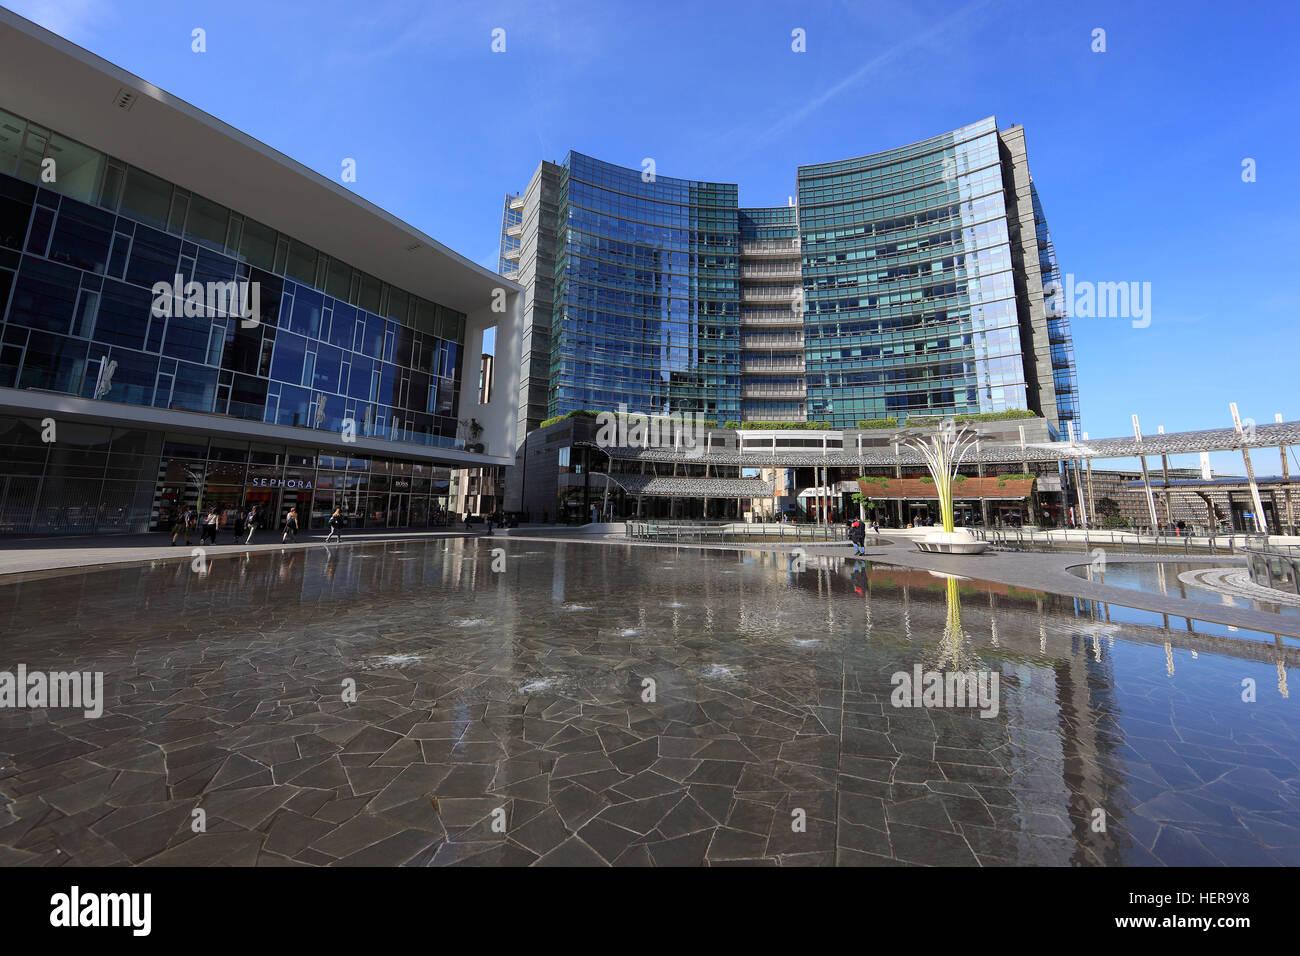 Italien, Stadt Mailand, Porta Nuova, Moderne Hochhäuser An Der Piazza Gae  Aulenti